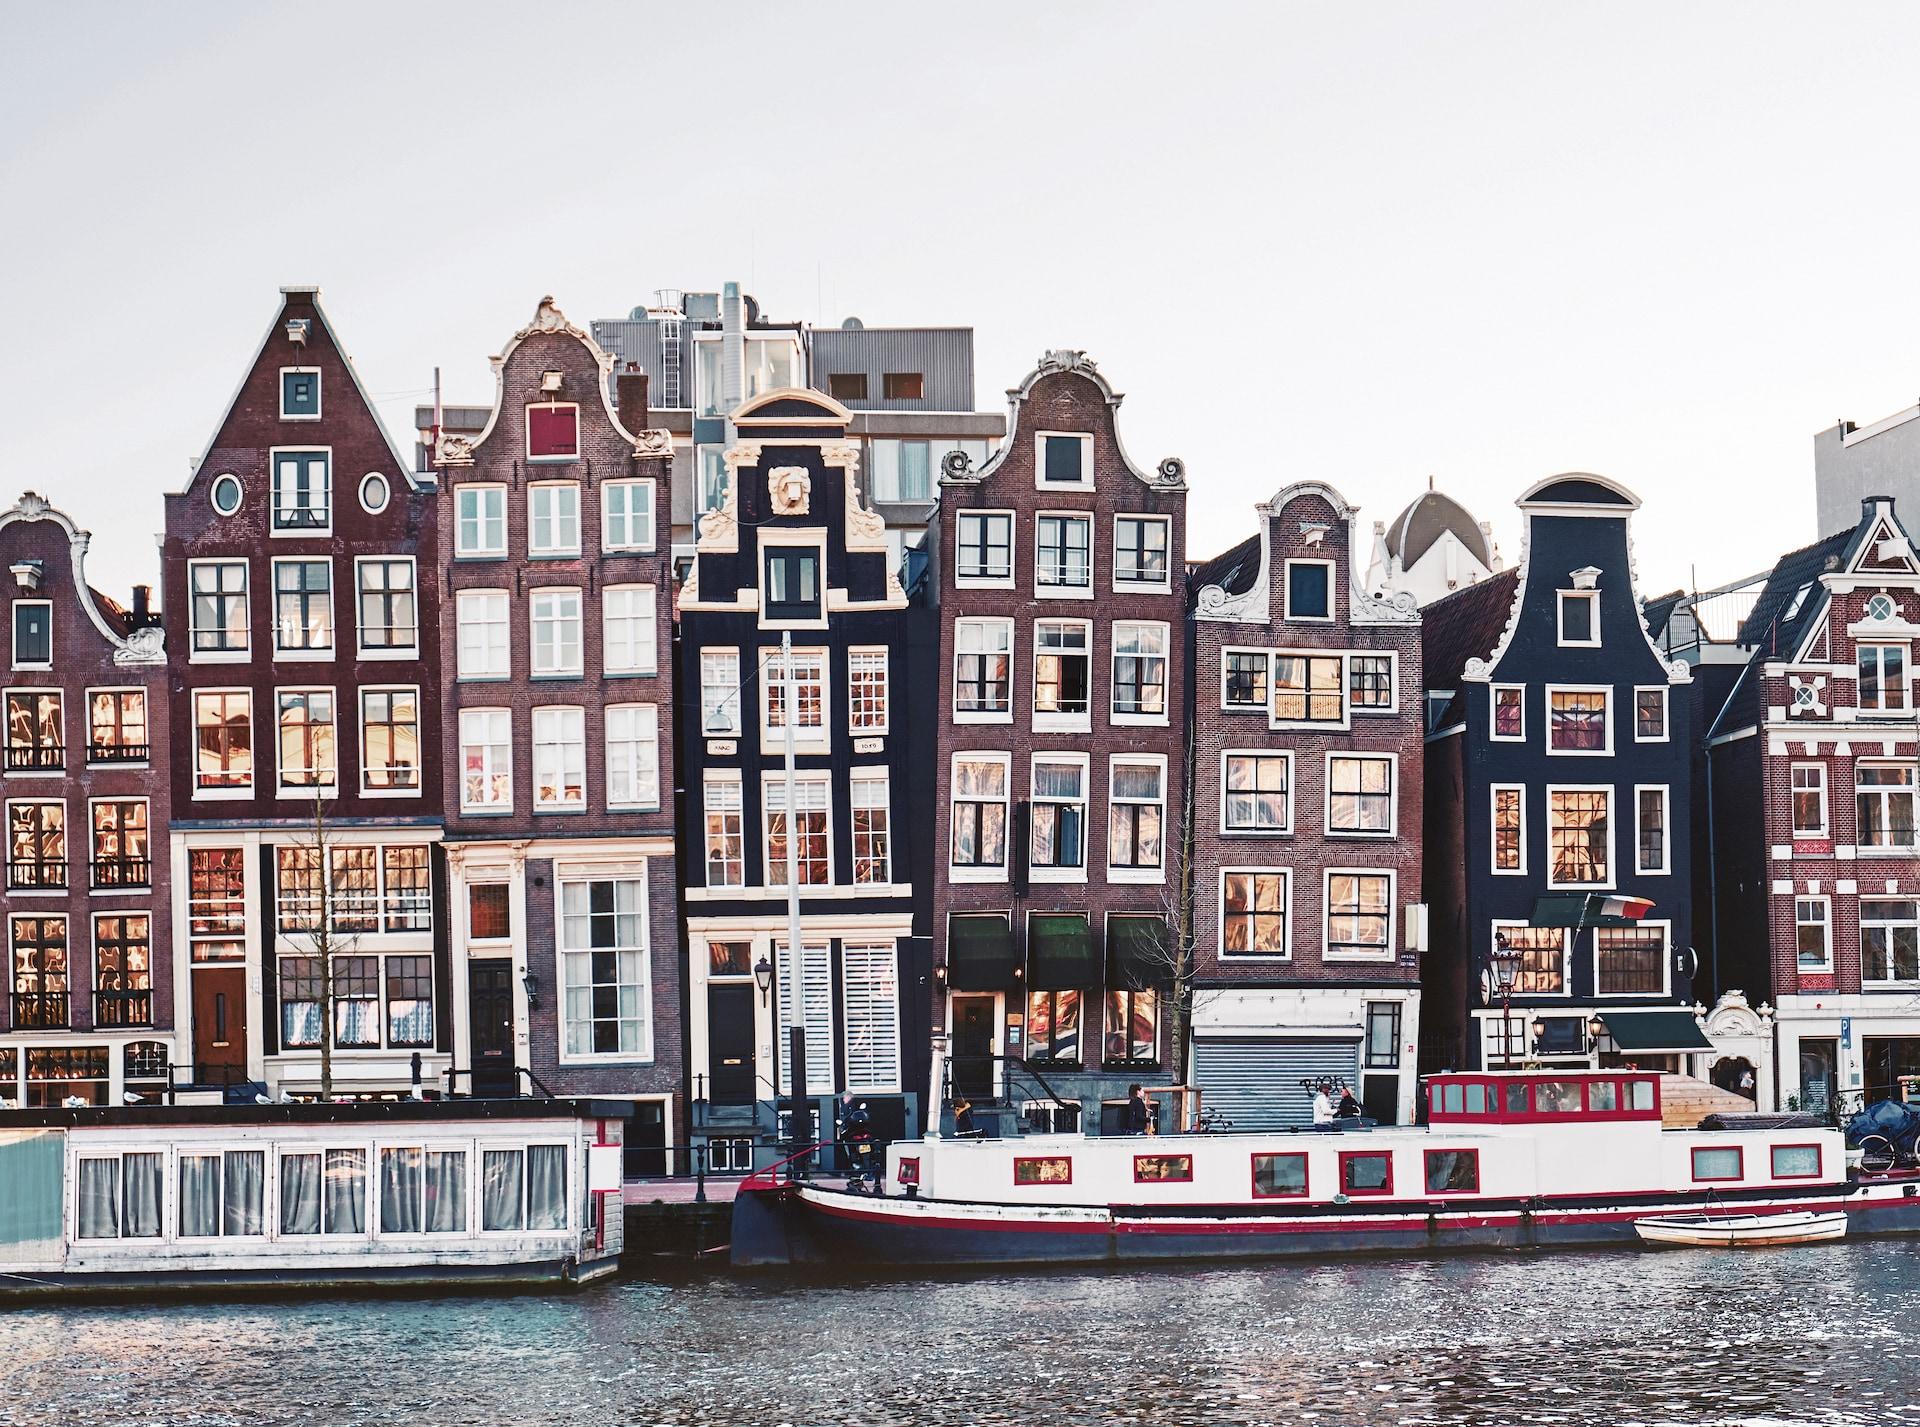 flyg till amsterdam